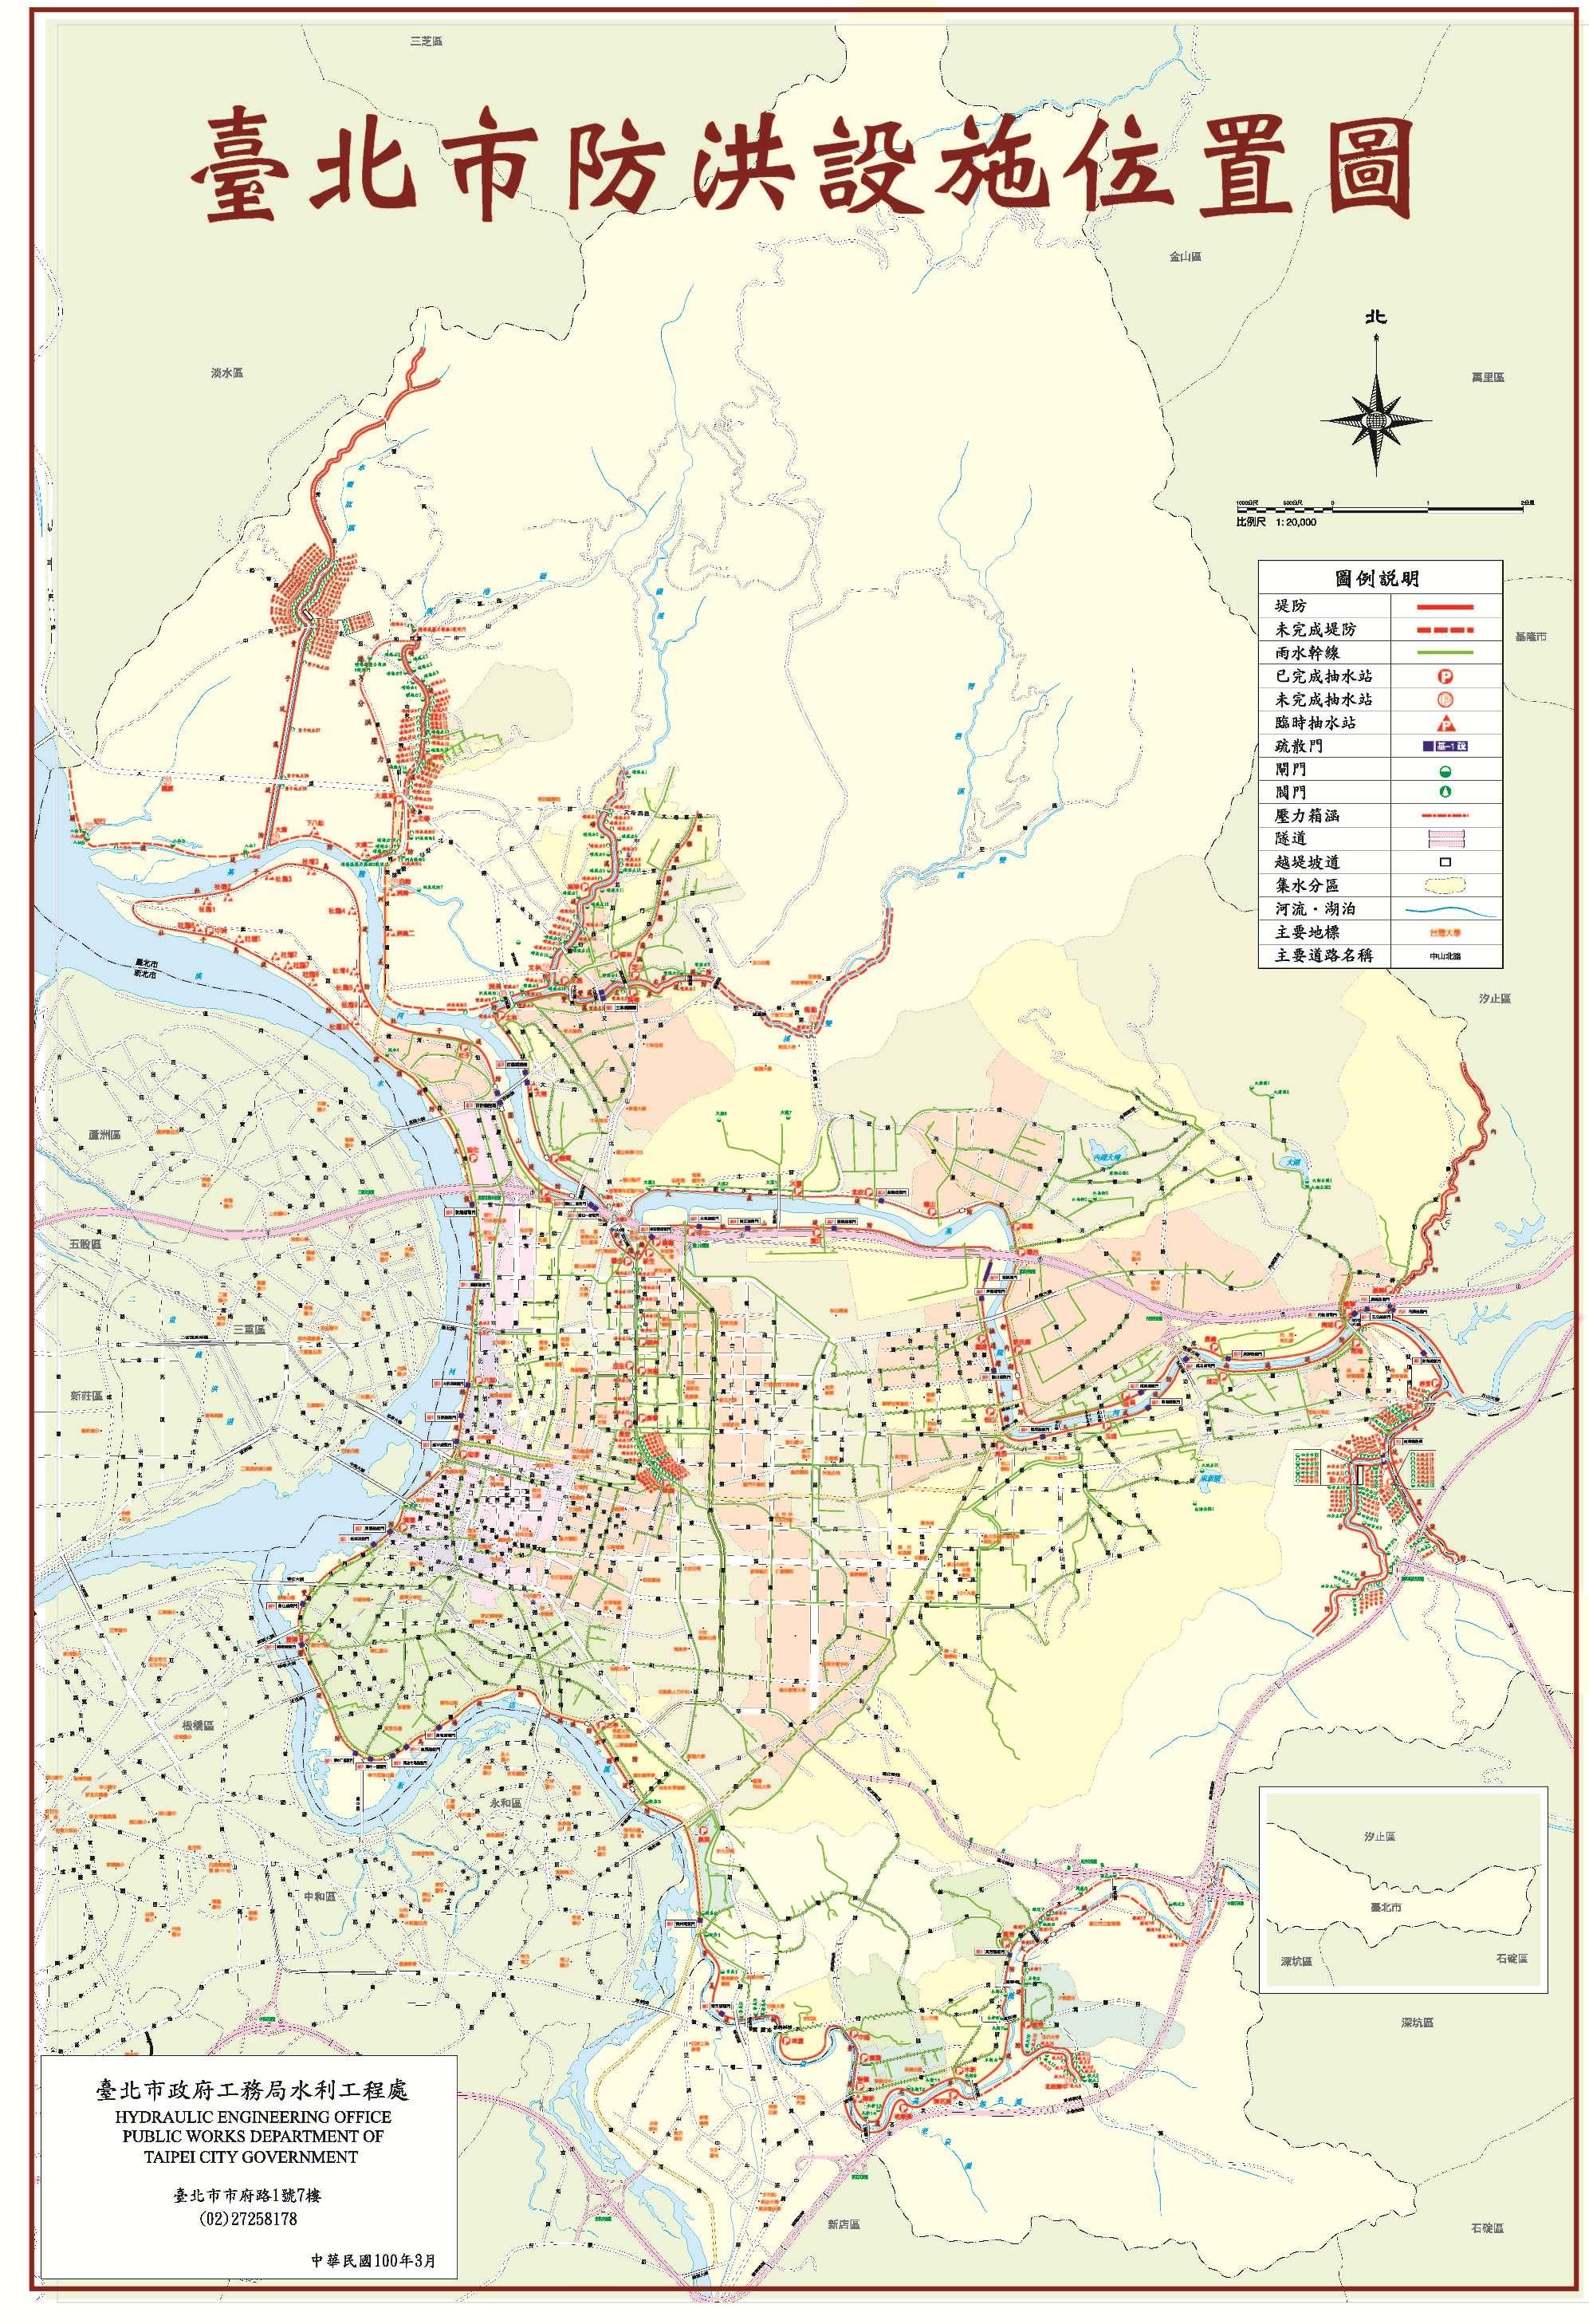 臺北地區防洪設施圖